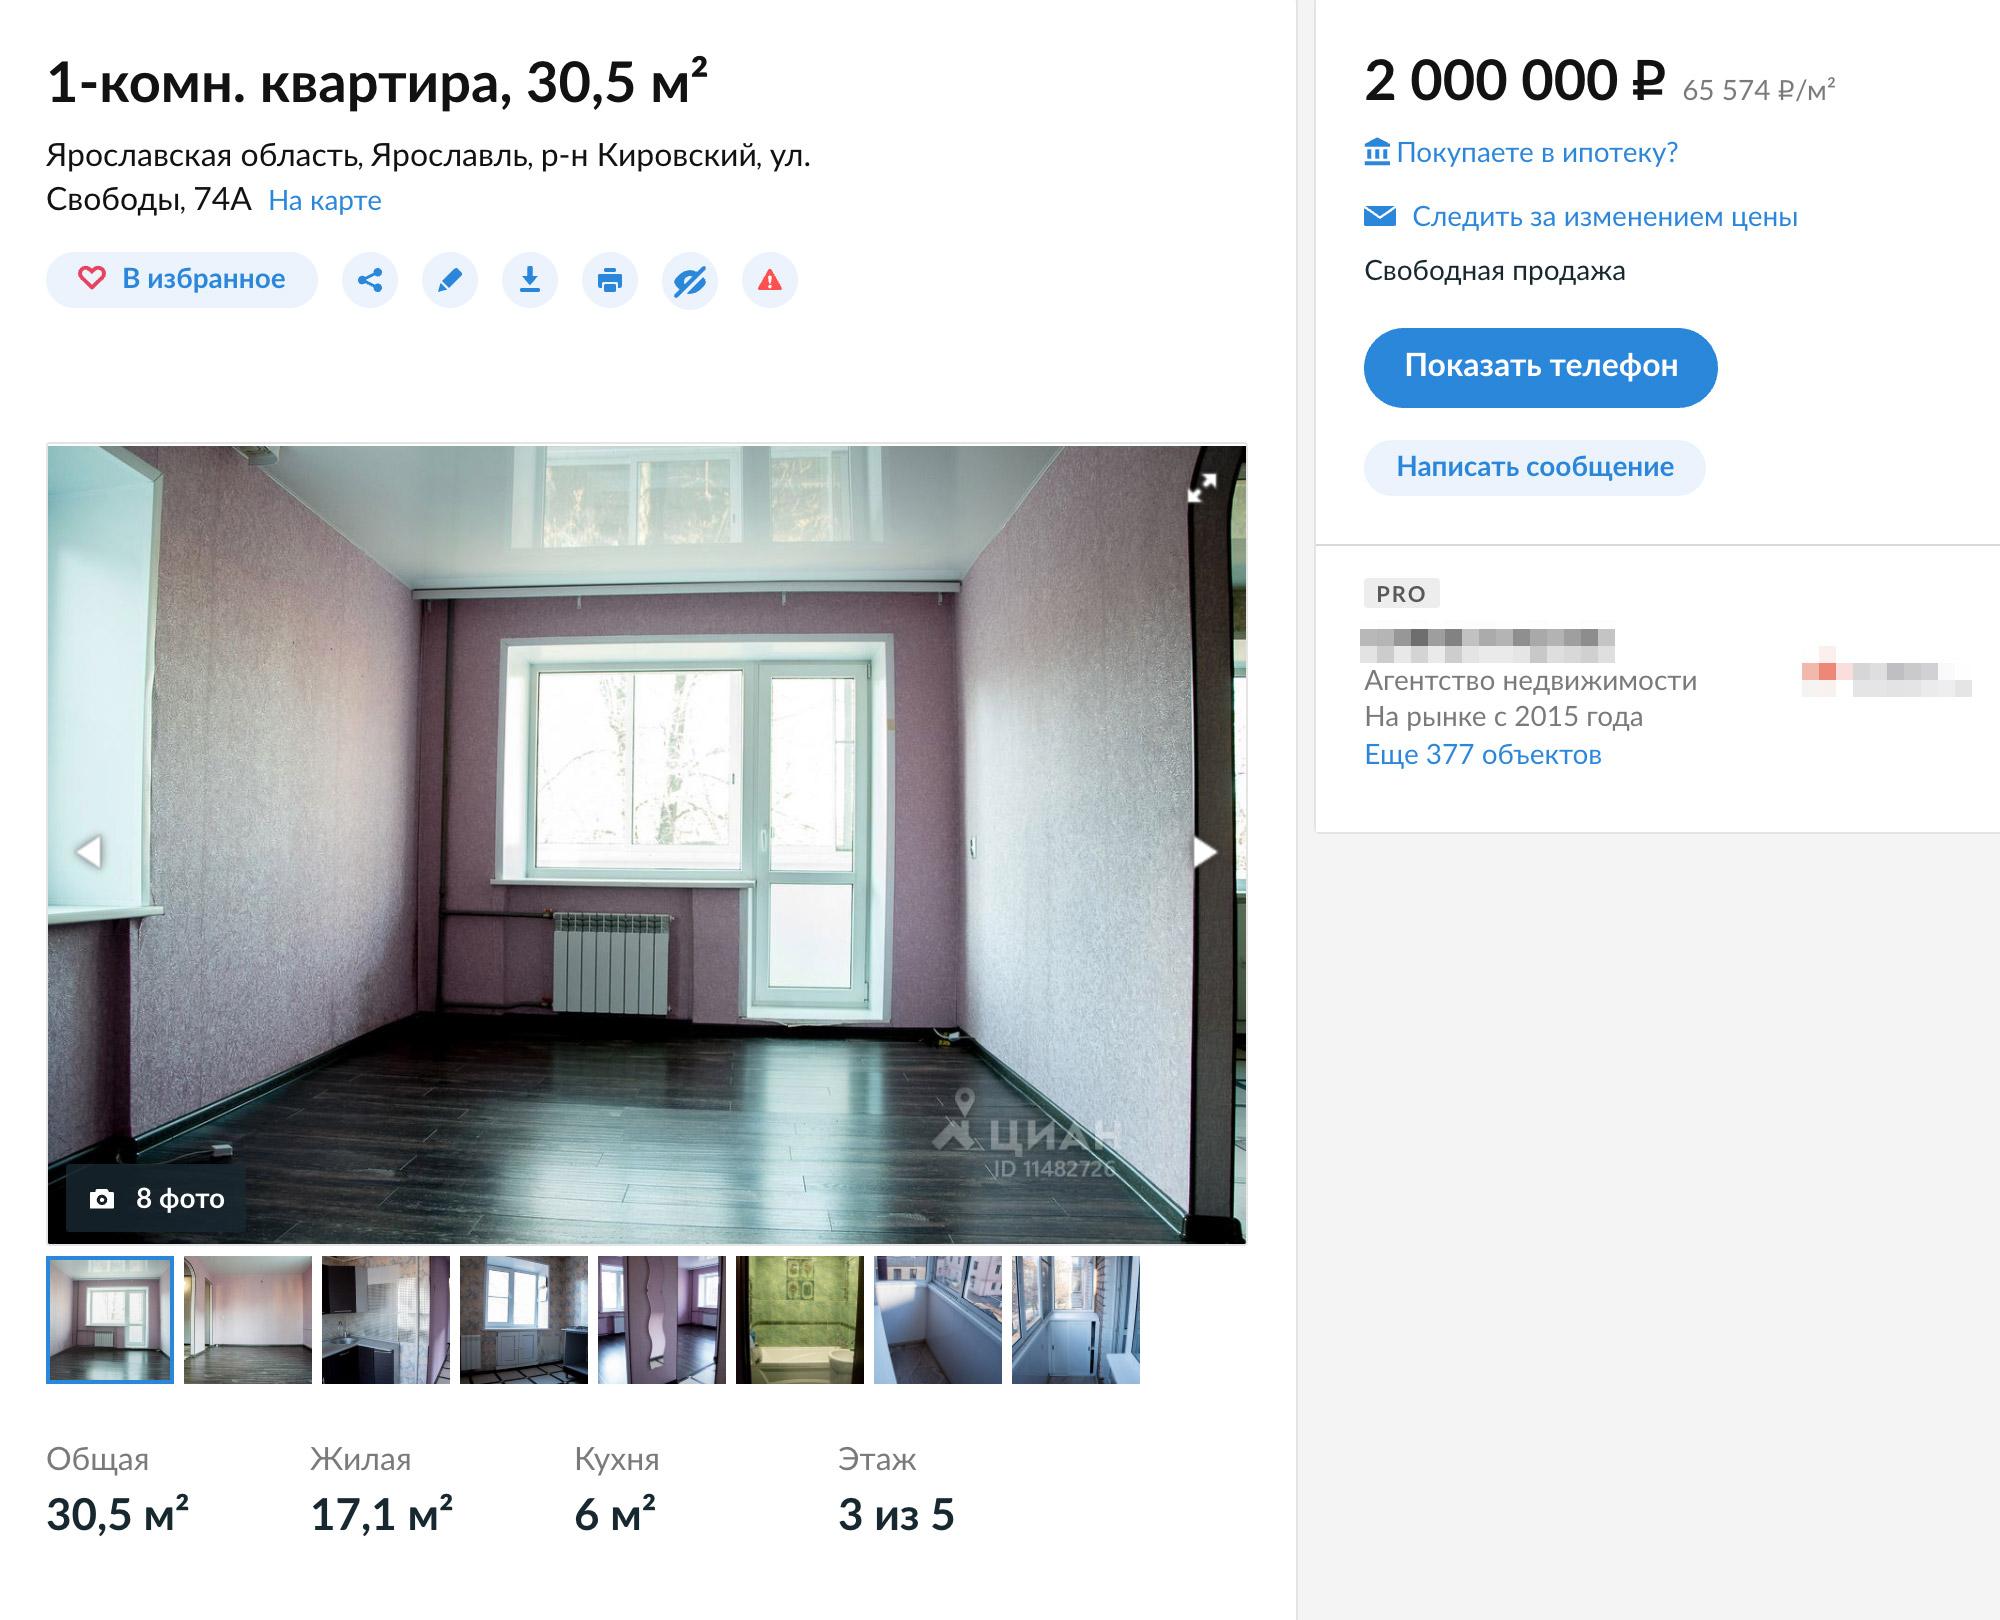 Такая же квартира в центре будет стоить от 2 000 000 рублей